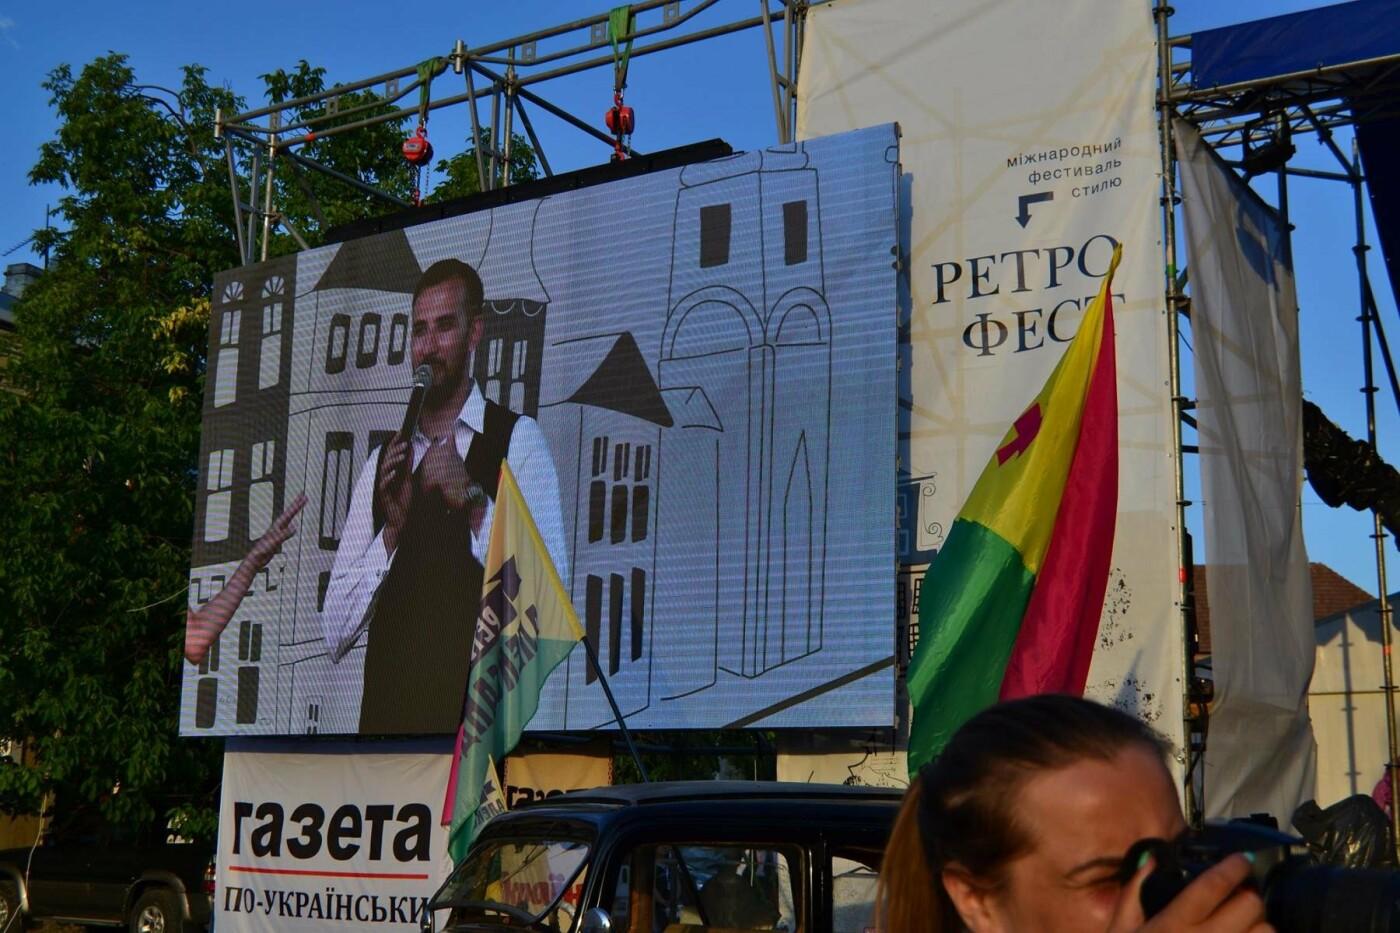 """Мандрівка в минуле: у Кам'янці пройшов фестиваль стилю """"РетроФест"""", фото-10"""